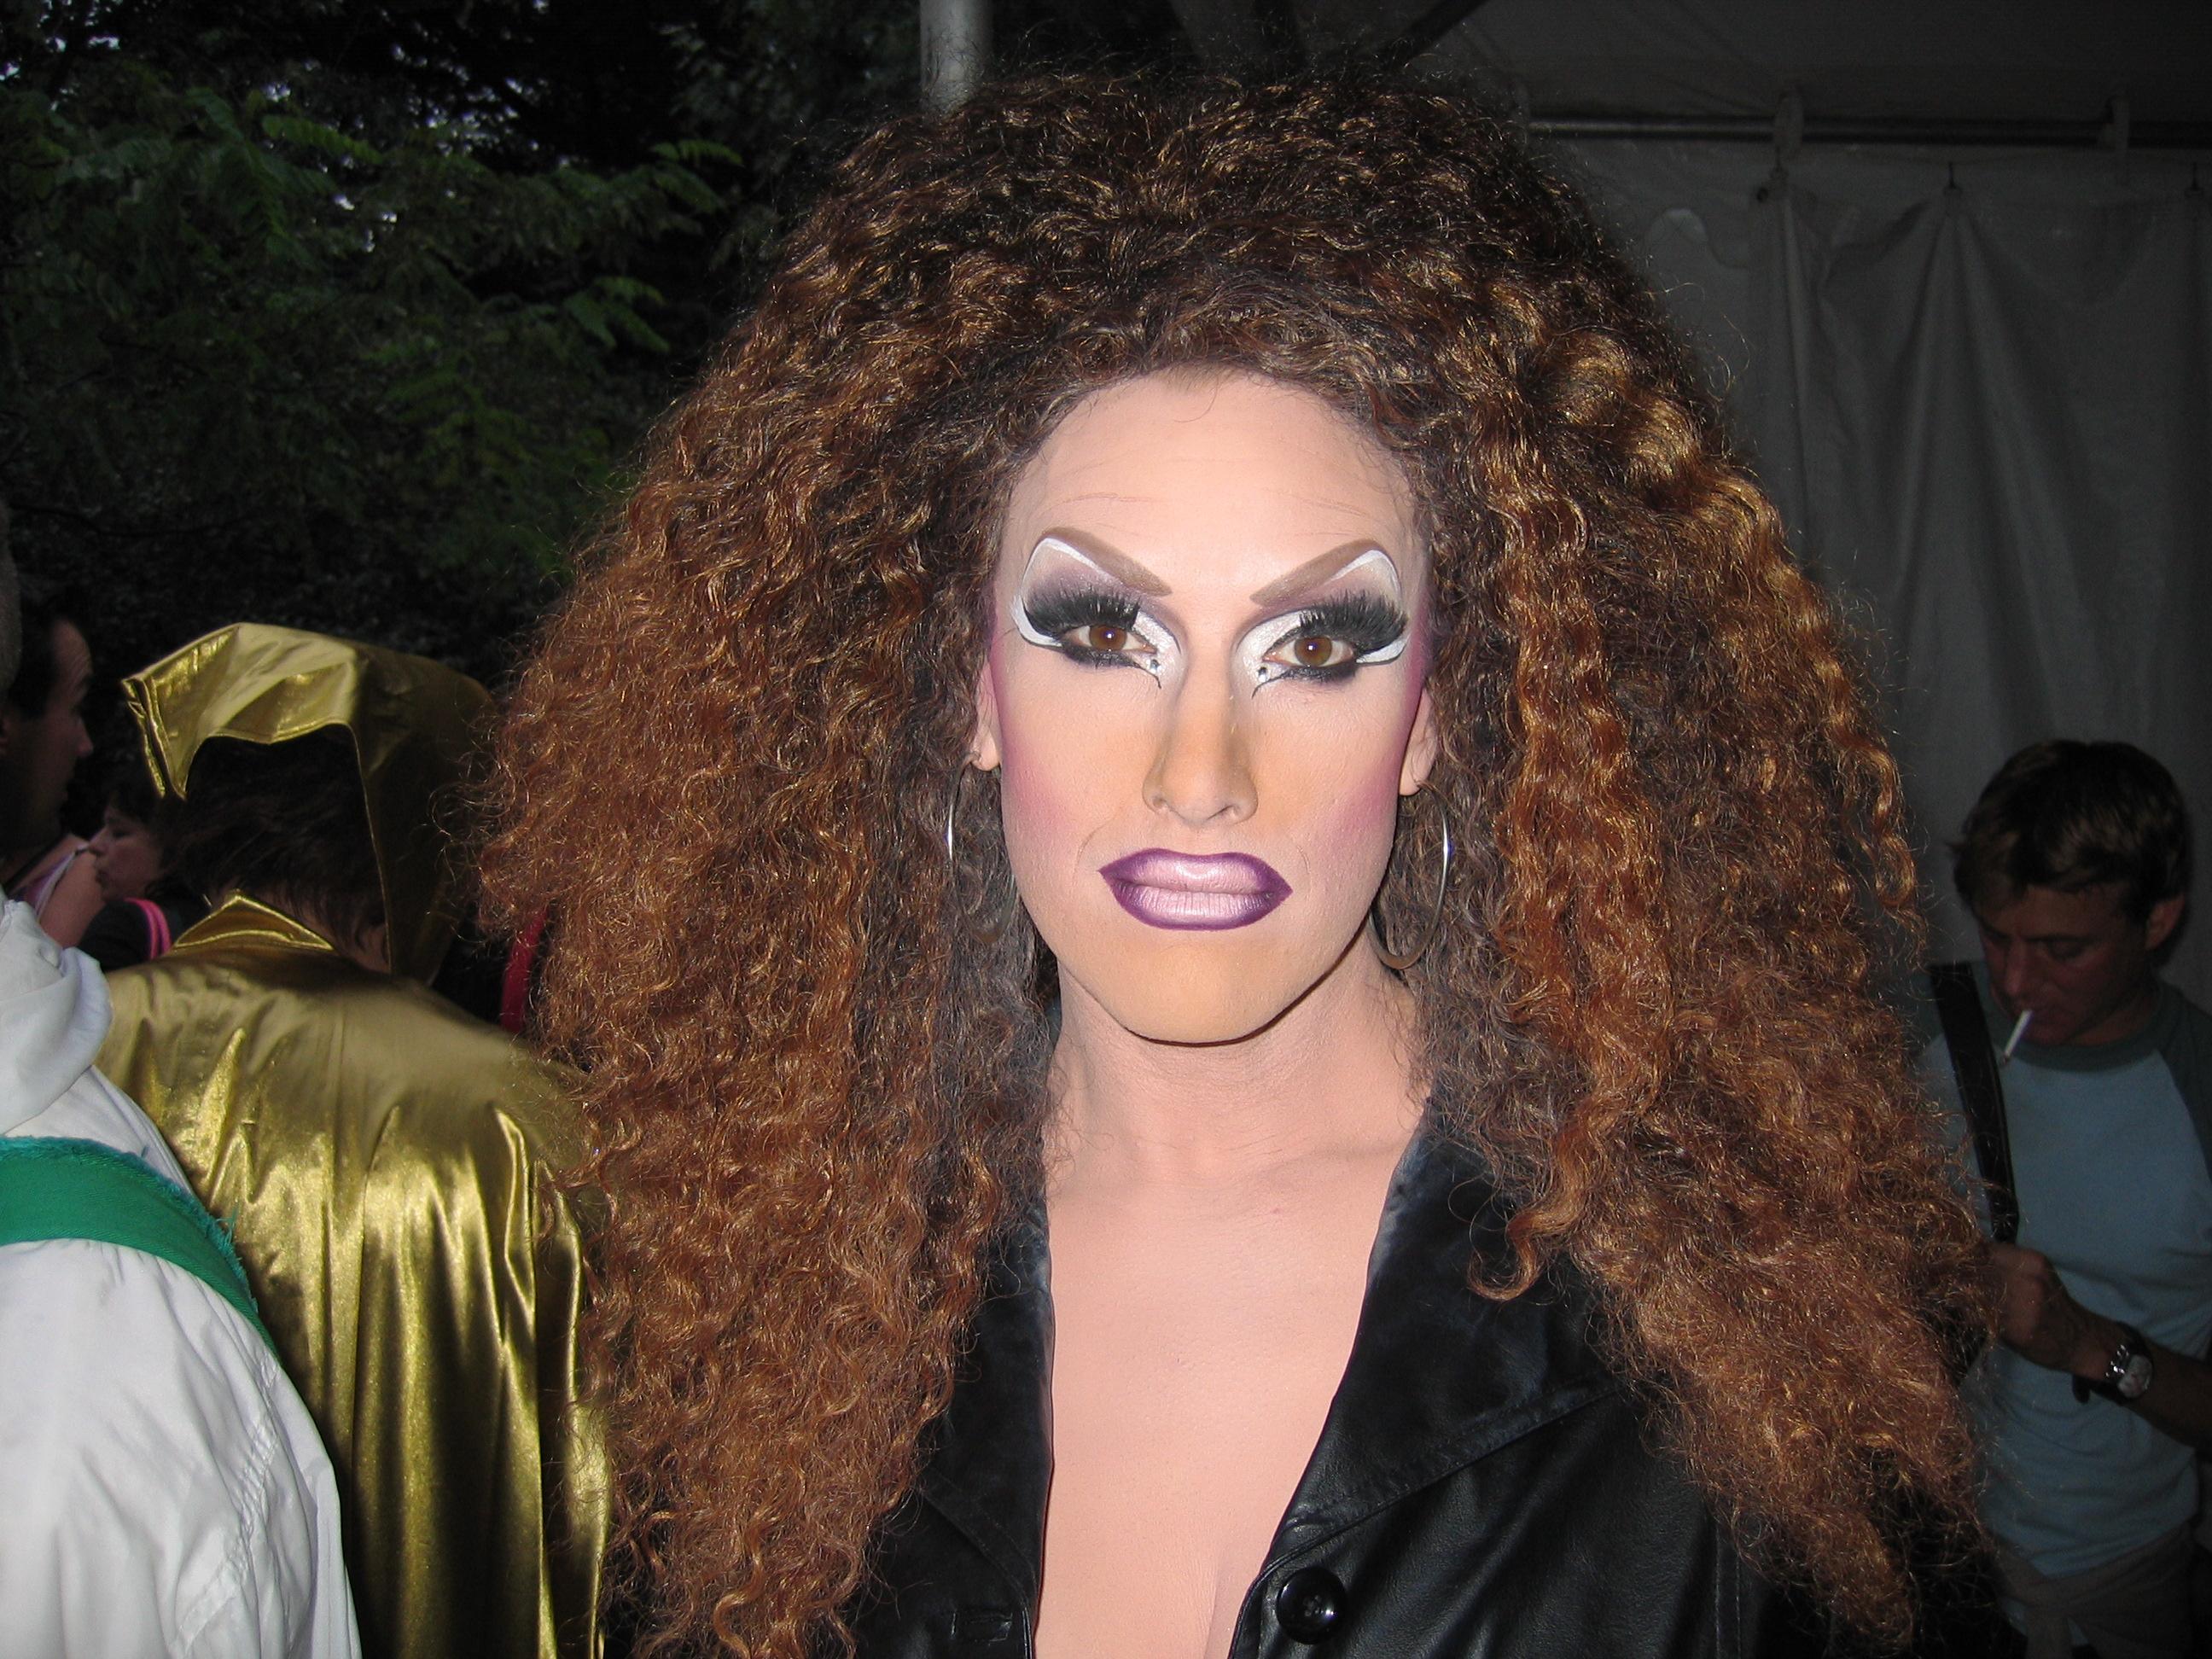 sorte lesbiske berømthederlatina blowjob galleri